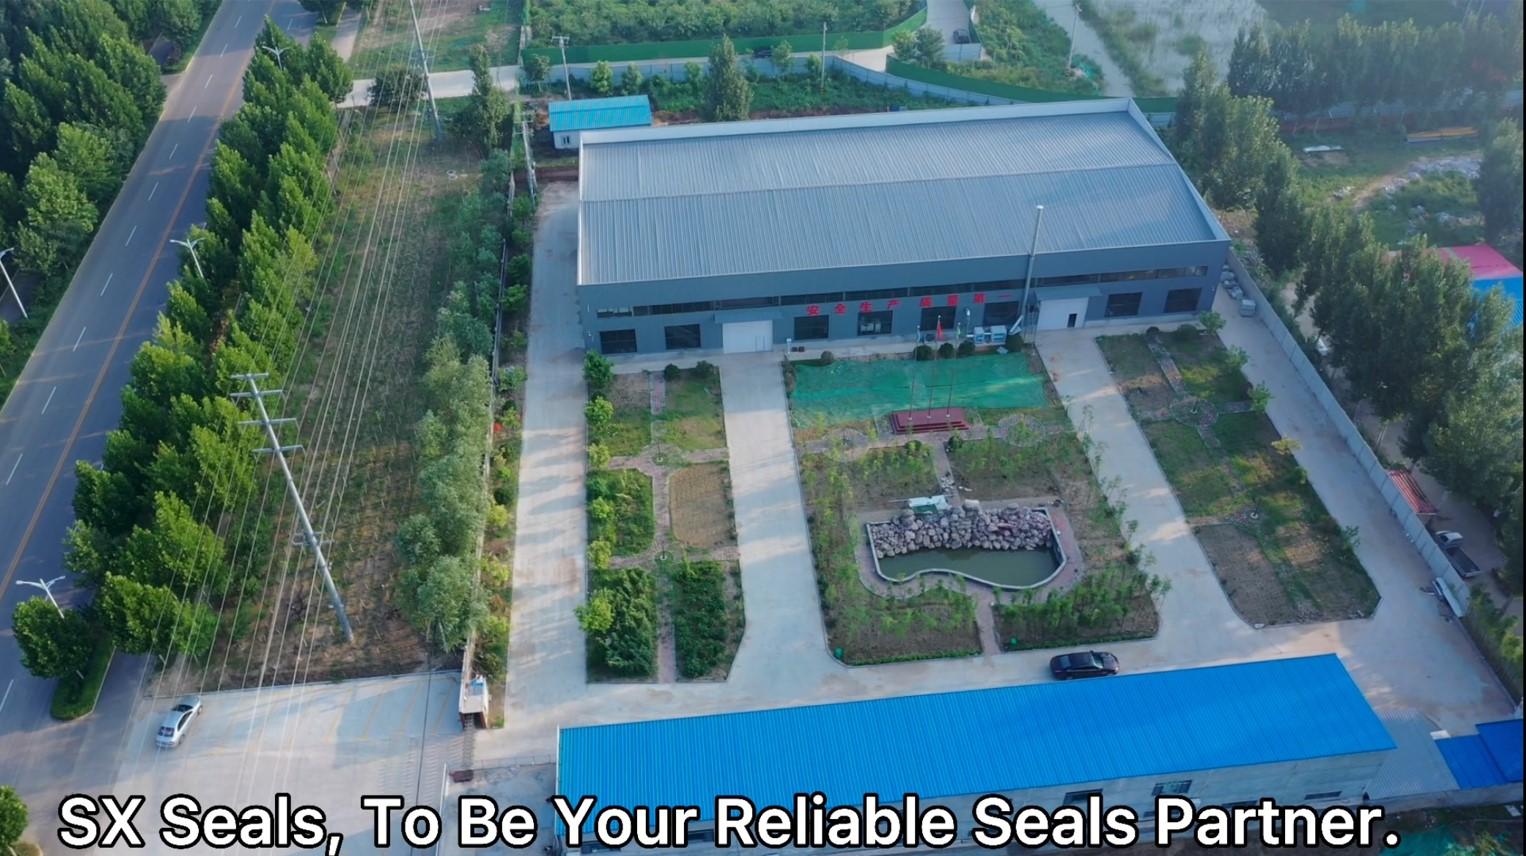 SX Seals